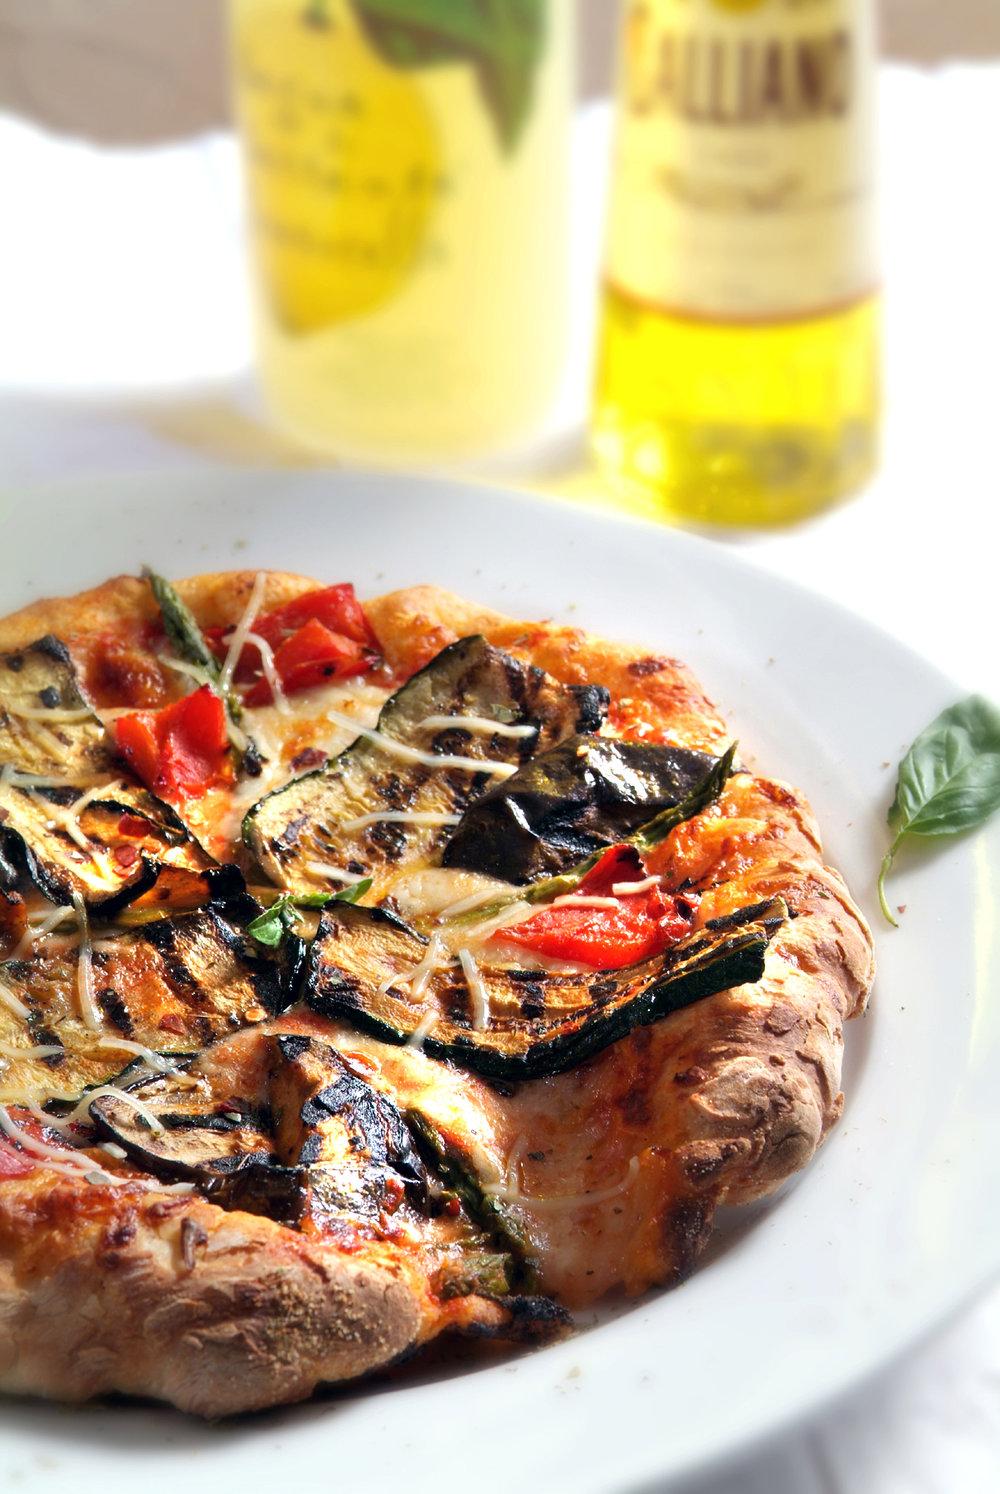 pizza rustica-1.jpg